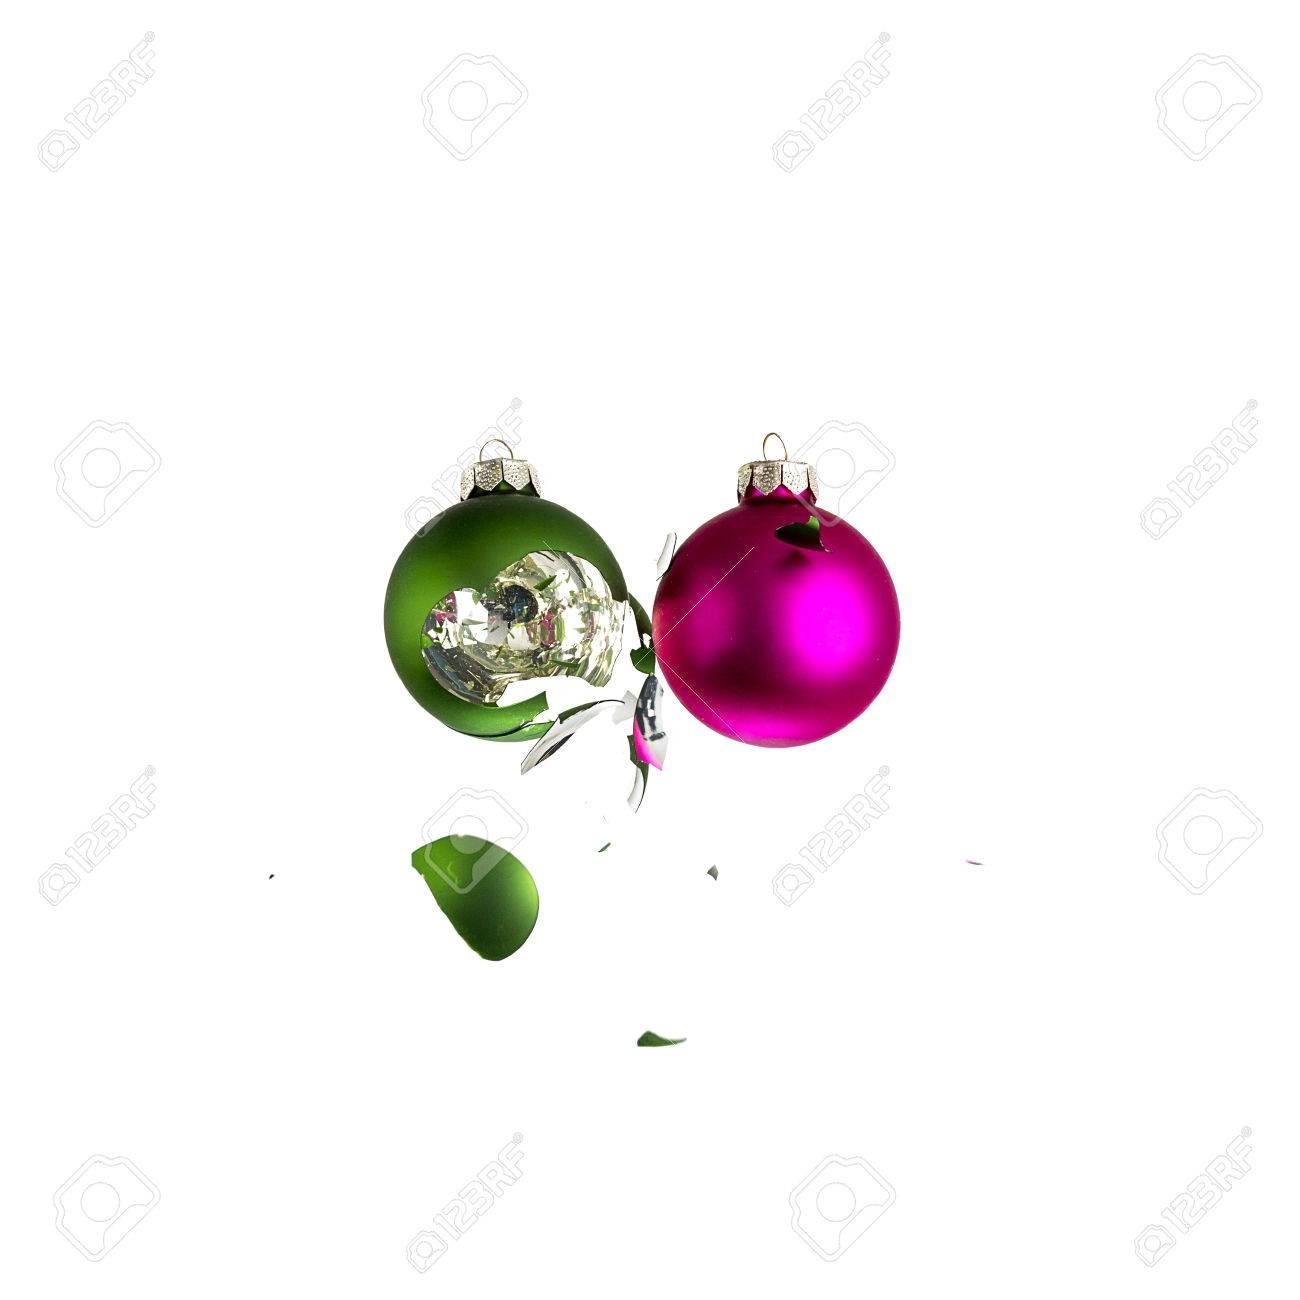 Weihnachtsbaum Explodiert.Stock Photo